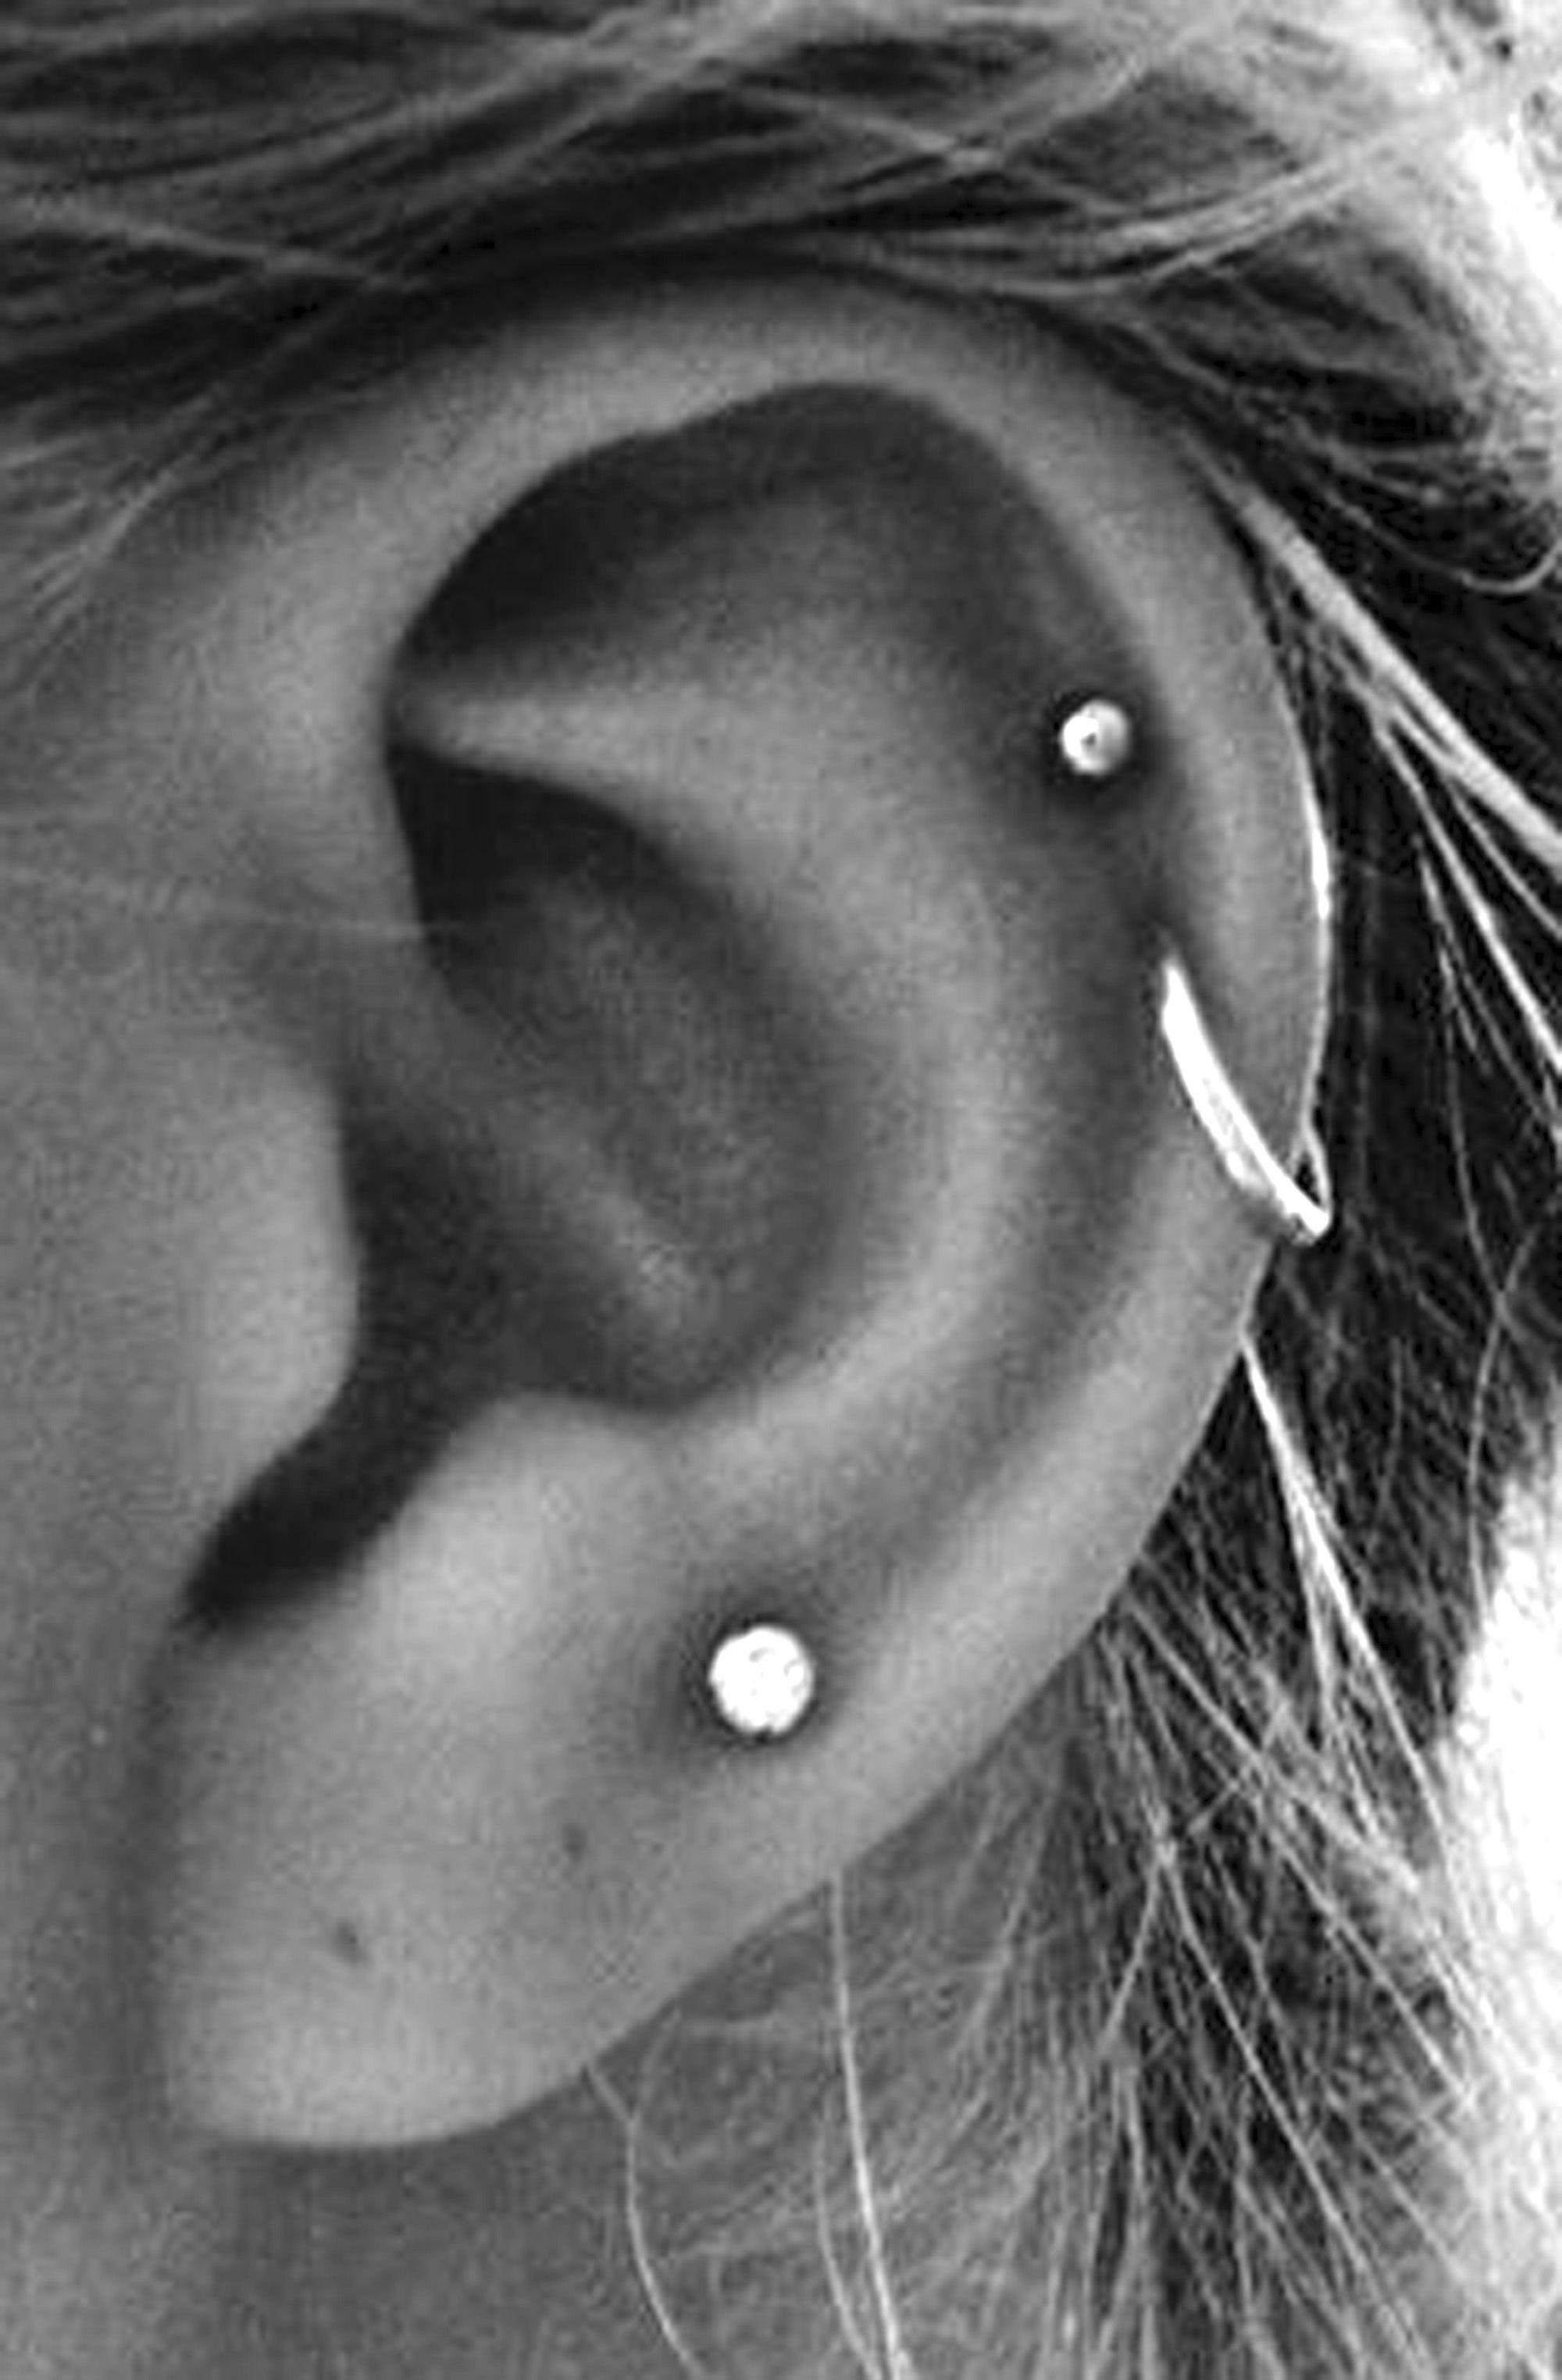 cute multiple ear piercing ideas #earpiercingideas